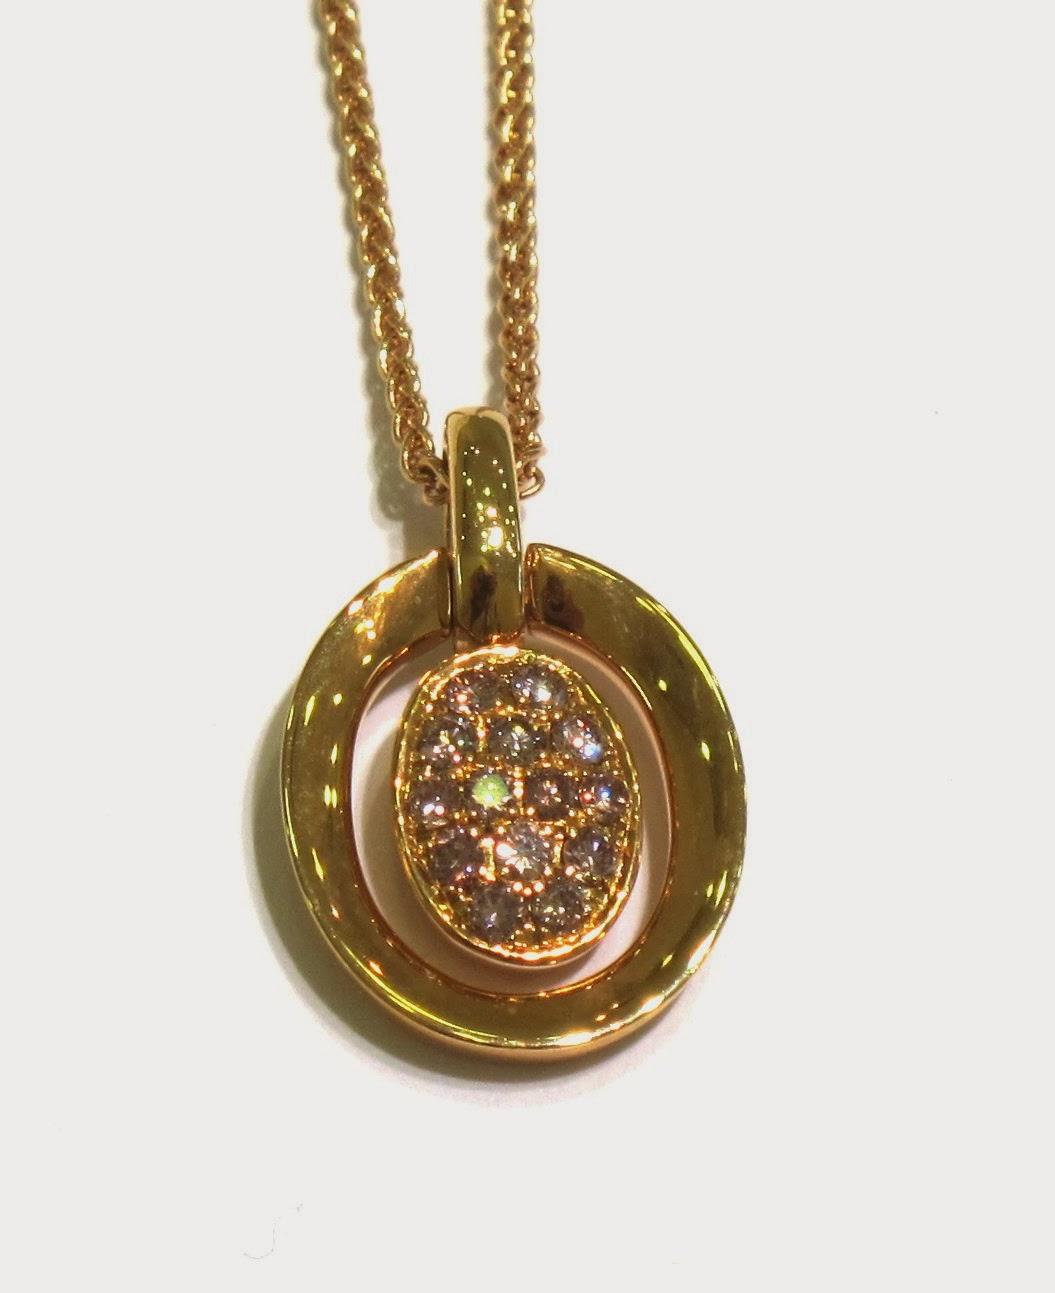 20f81da3685845 More Labels: 18kt, alan diamonds, alan friedman, beverly hills, center,  custom design, designer, diamonds, necklace, oval, pave, pendant, pink,  rose gold, ...